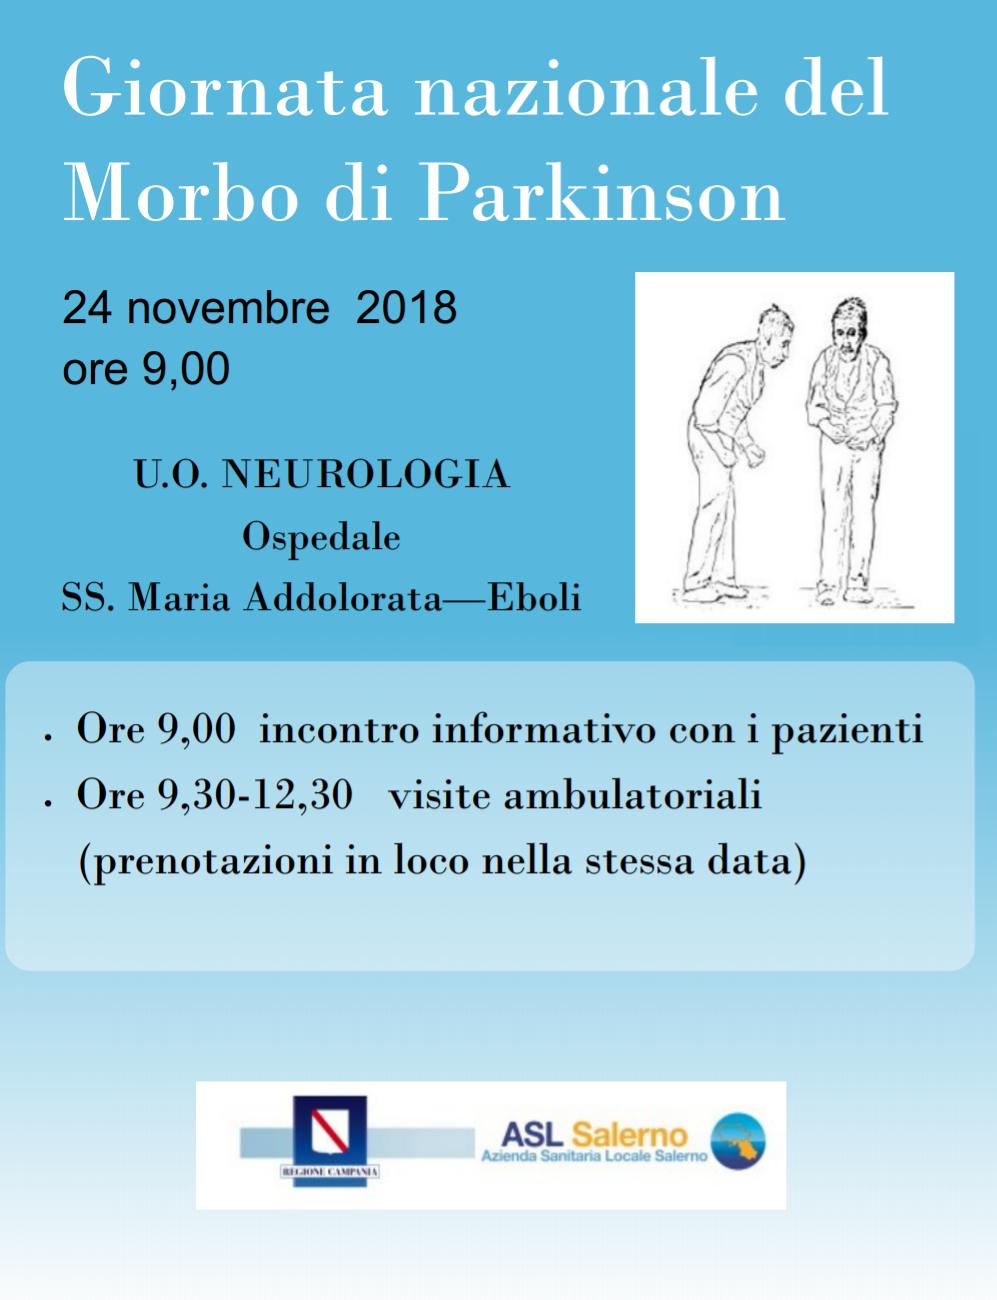 Giornata nazionale del.morbo di Parkinson Eboli